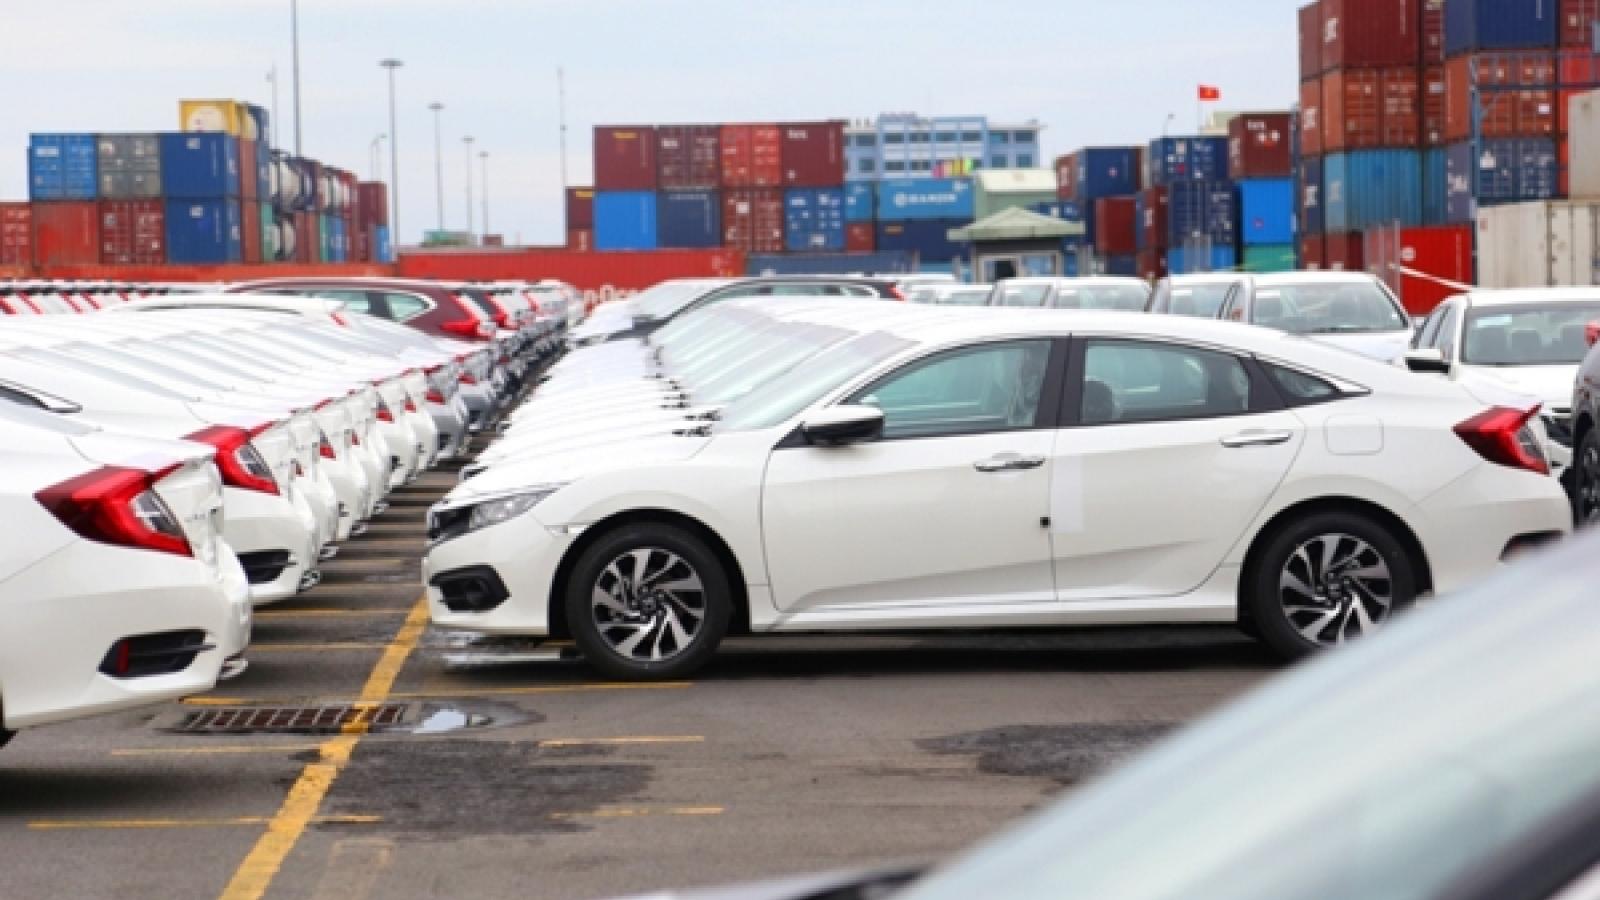 Giảm phí 50% trước bạ: Xe lắp ráp trong nước lấn át xe nhập khẩu